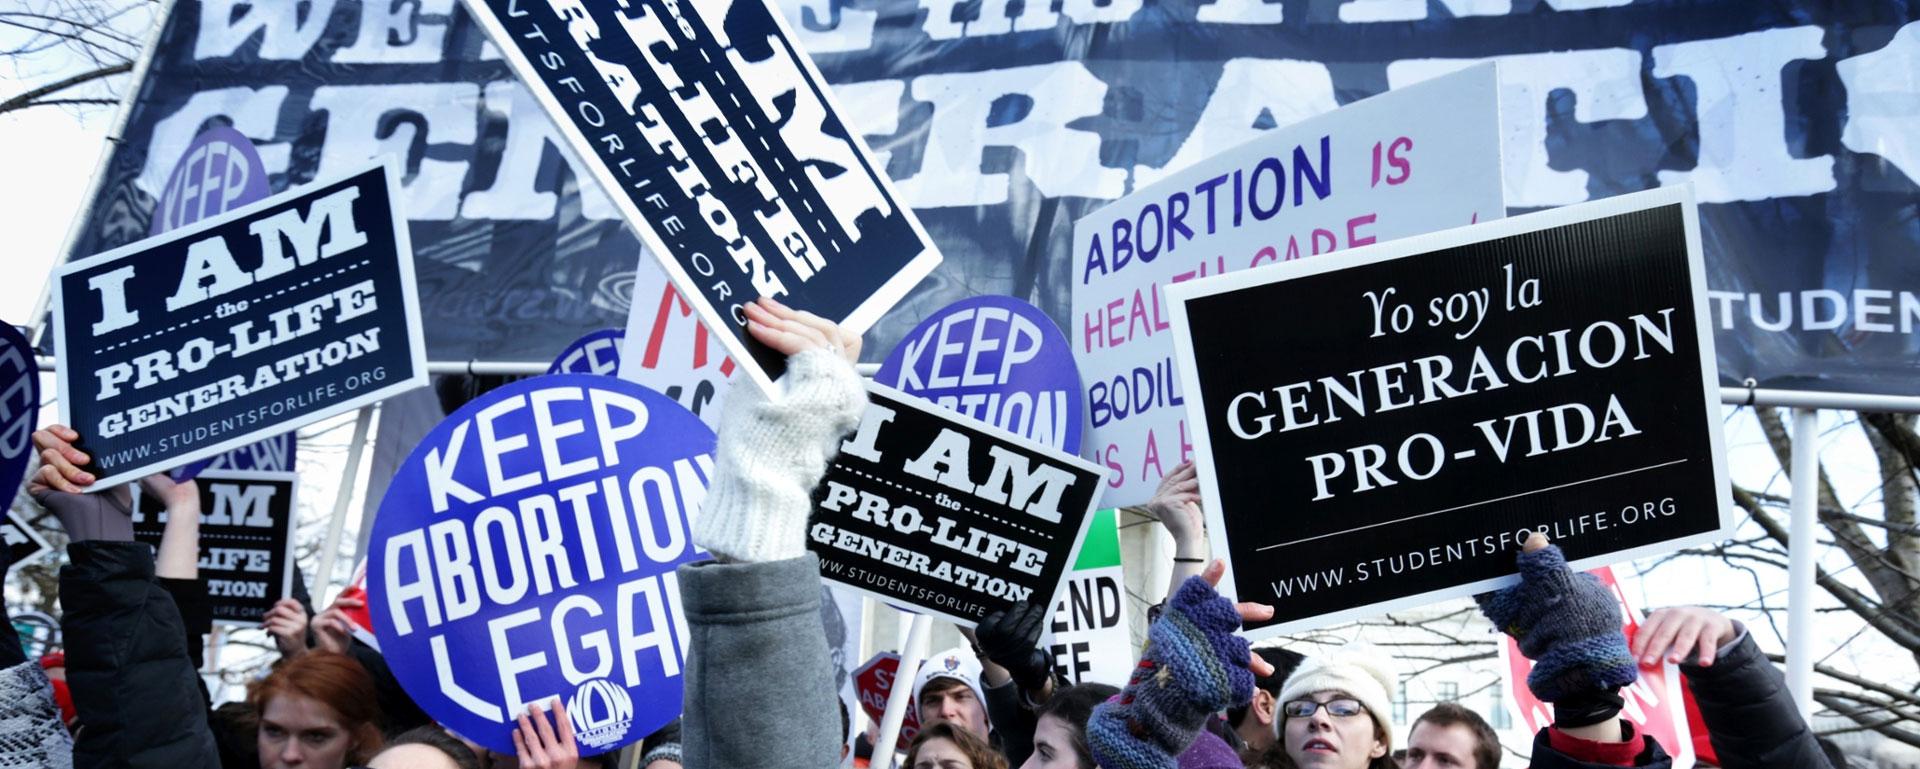 Većina Amerikanki ne žali zbog pobačaja – studija